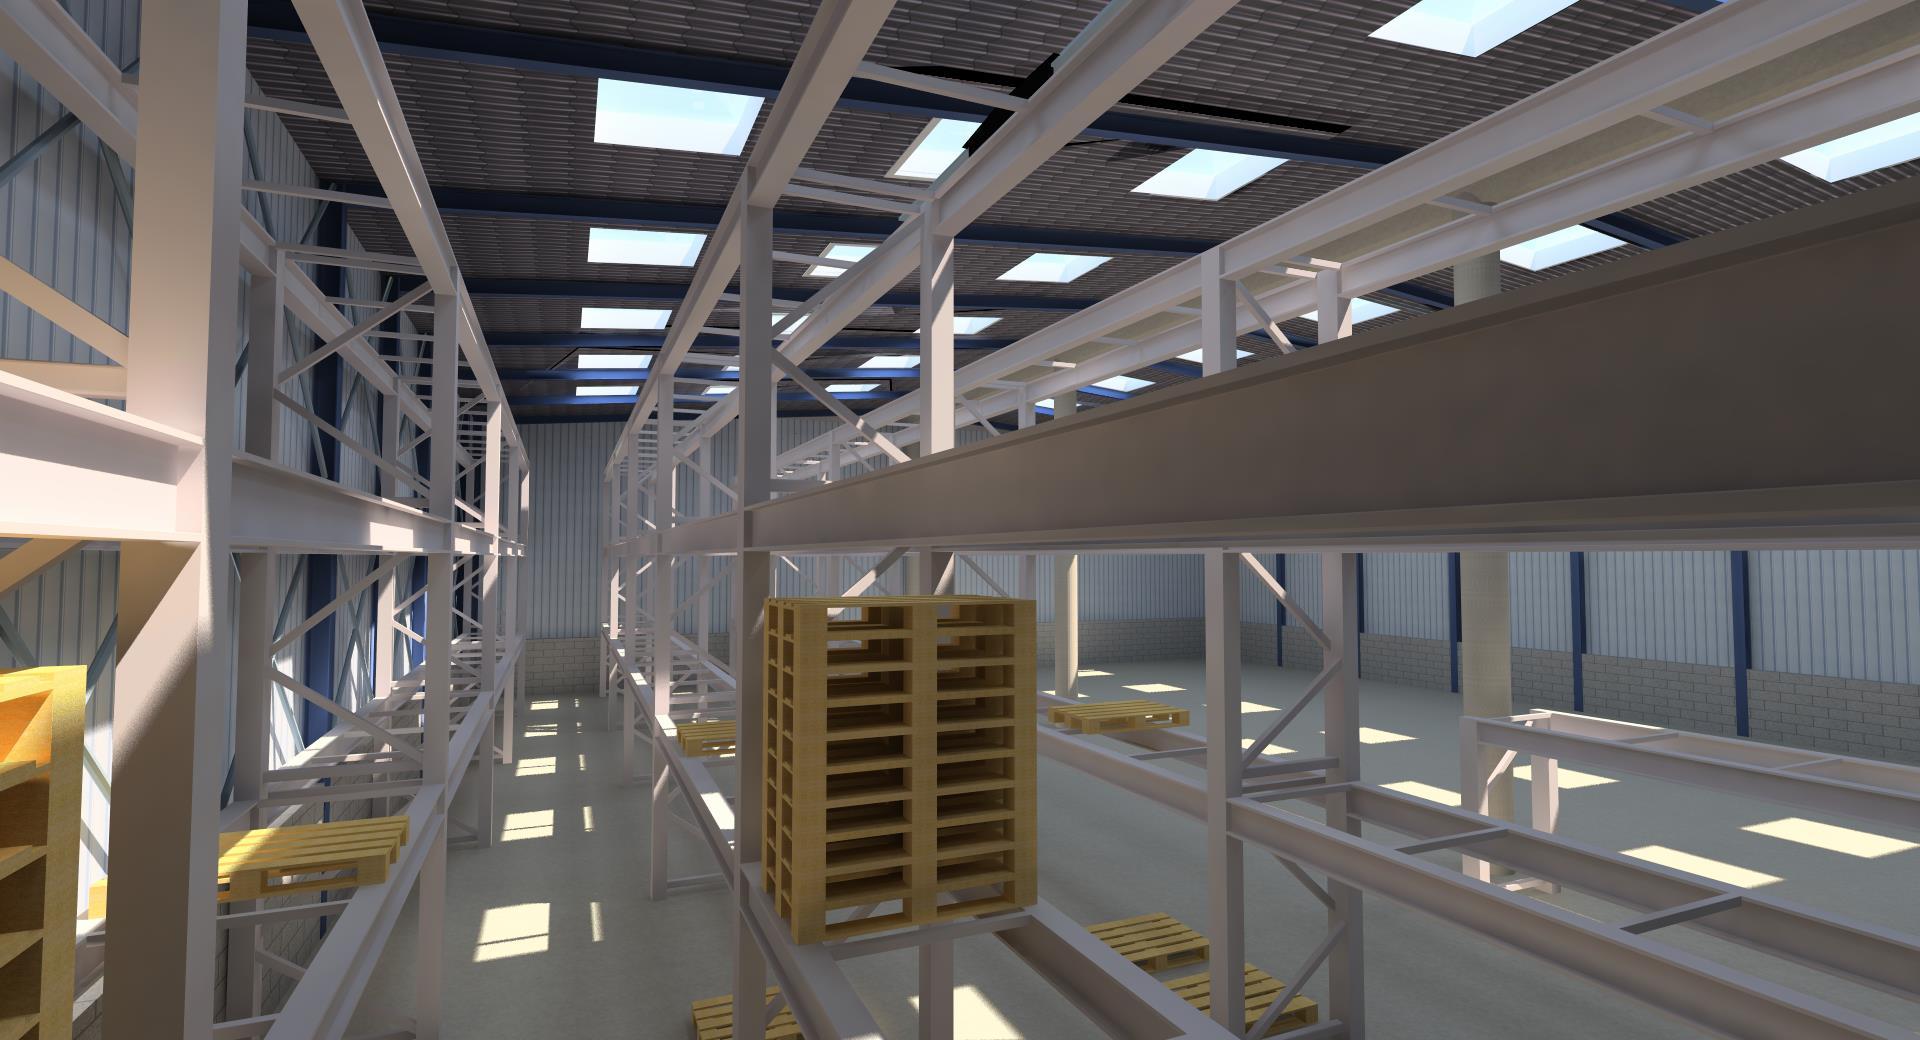 Bâtiment industriel et équipements